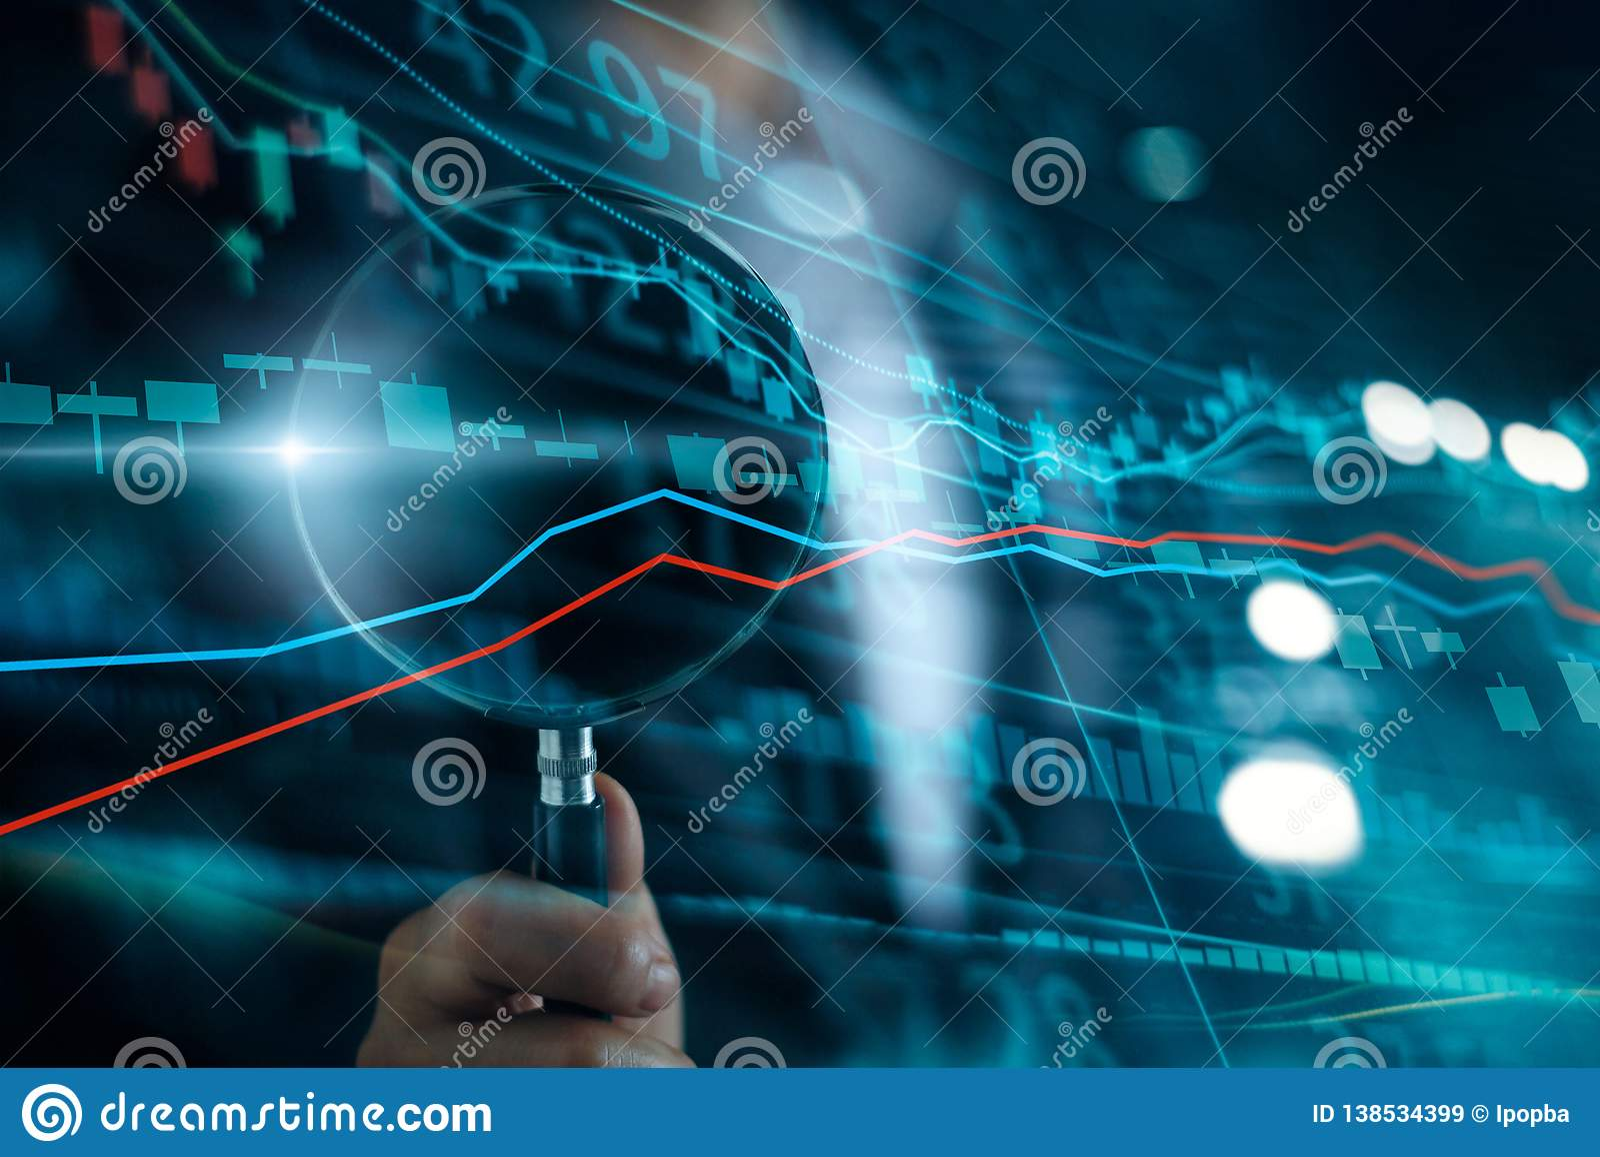 Επιχειρηματίας με την ενίσχυση - αναζήτηση γυαλιού της επένδυσης και του χρηματιστηρίου Κέρδος και κέρδη με τα διαγράμματα κηροπη